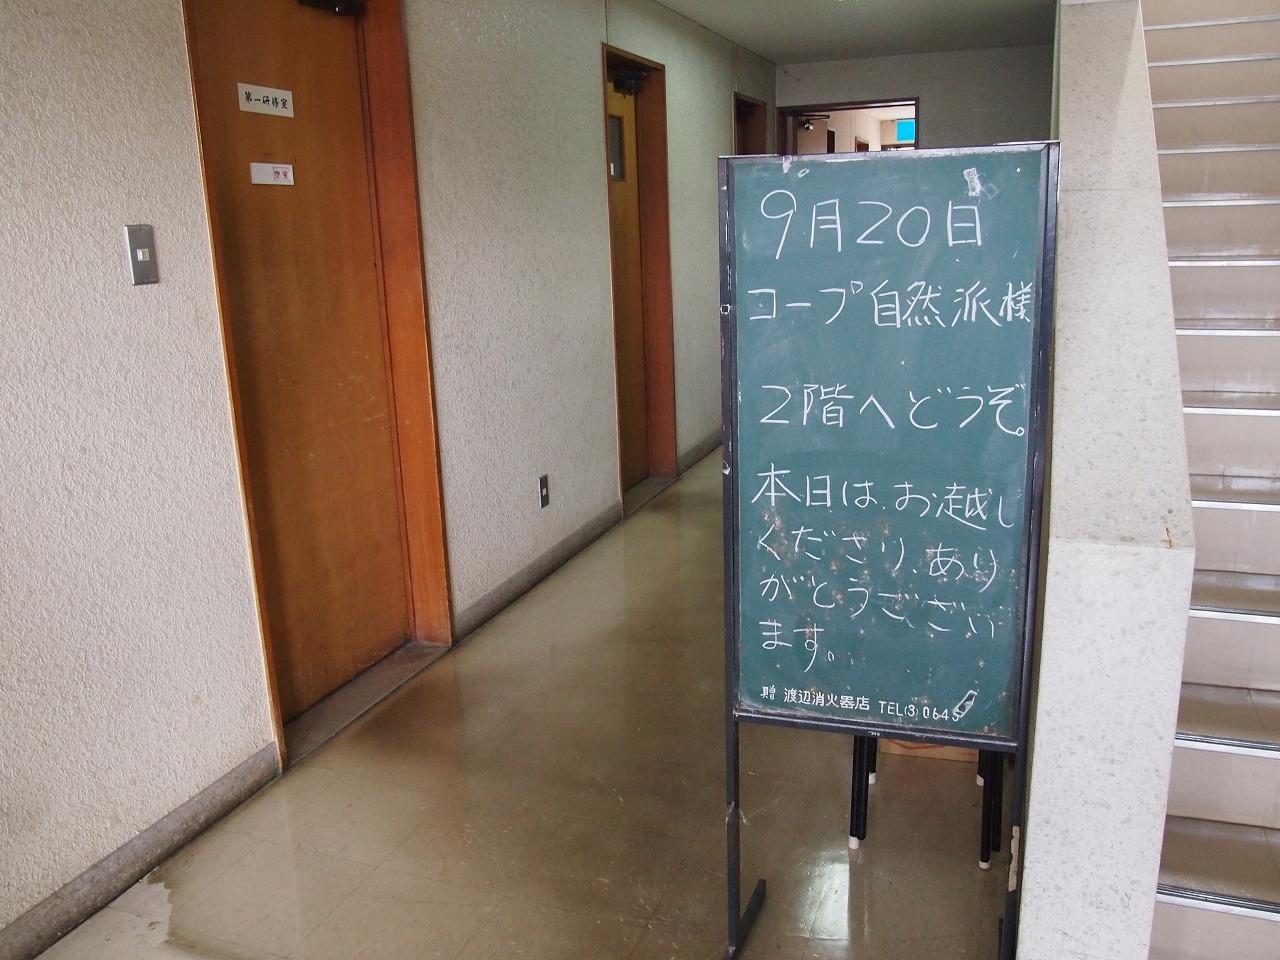 s-P1011108.jpg